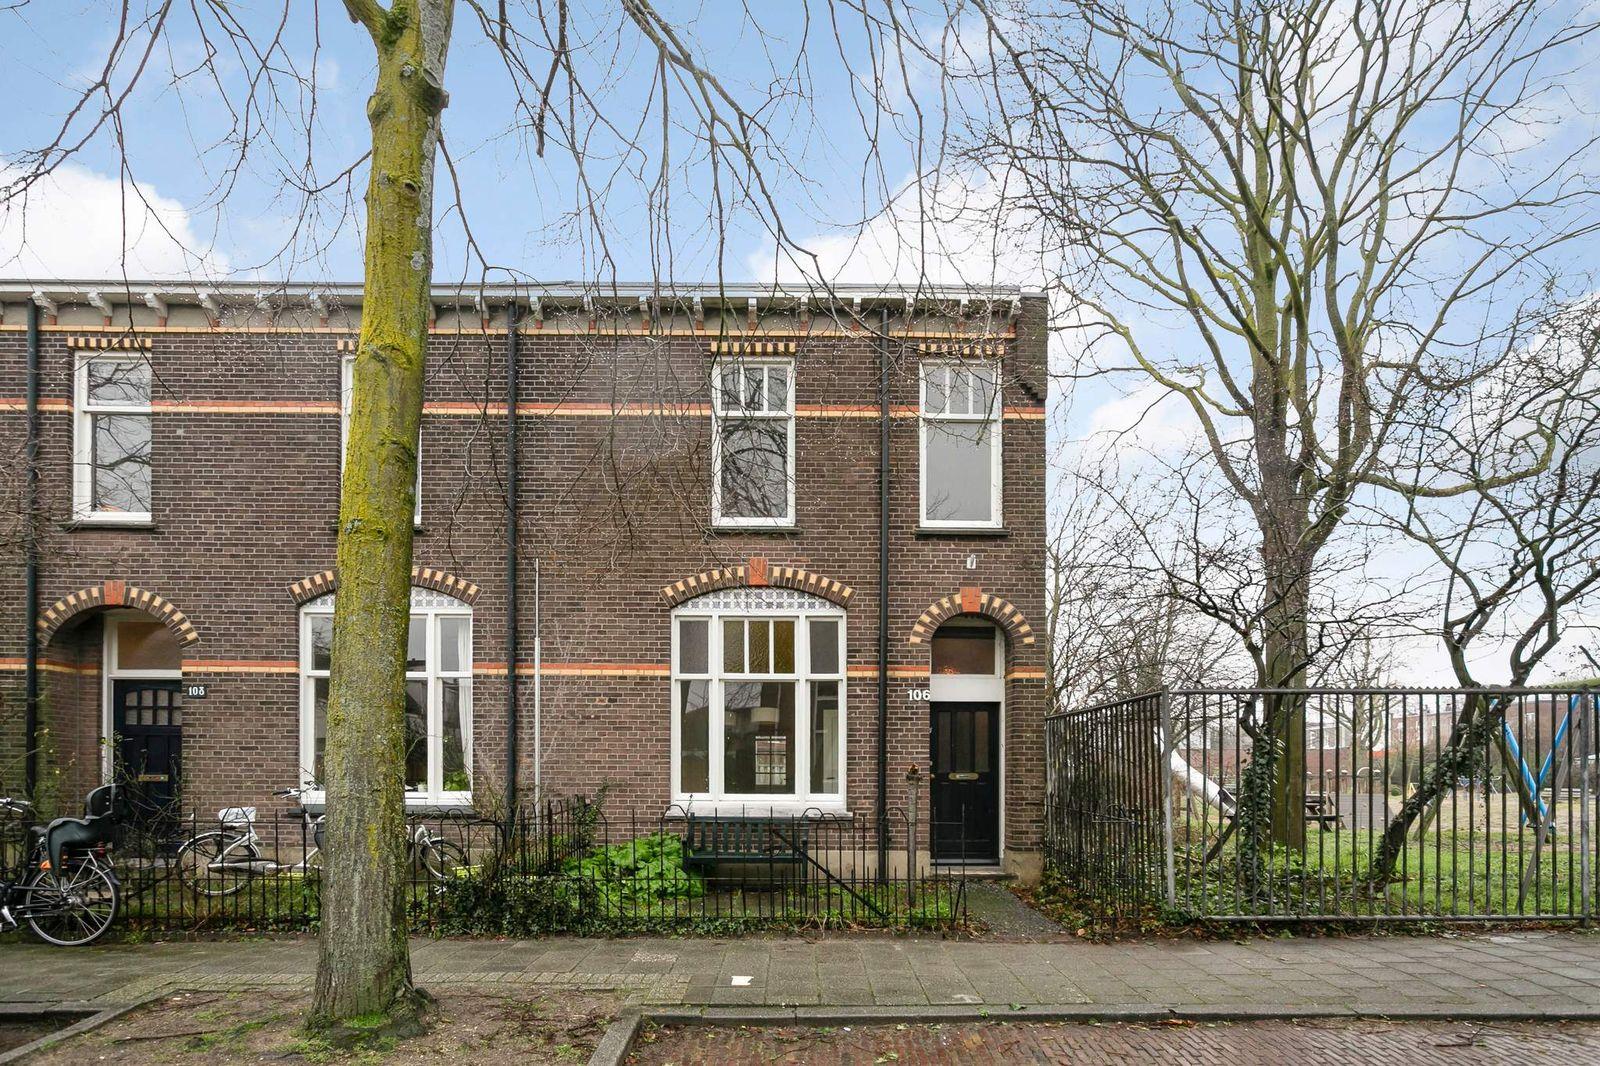 St. Stephanusstraat 106, Nijmegen